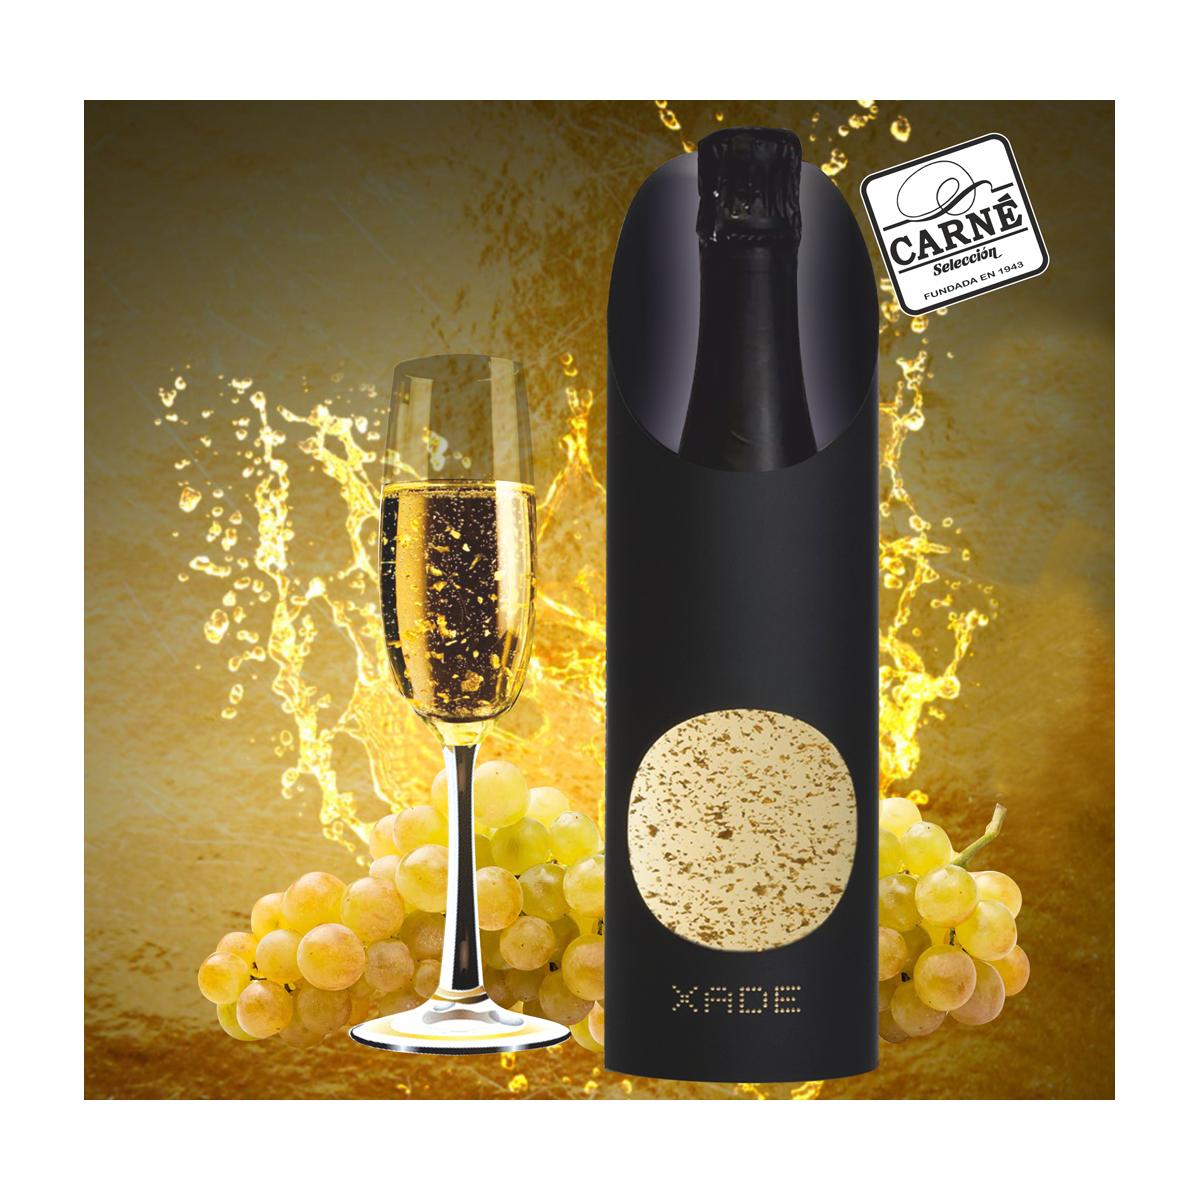 https://www.carneseleccion.com/6751-thickbox_default/carne-promocion-75-aniversario-gourmet-es-1-2-botellas-excepcional-cava-de-oro-de-ley-23-kilates.jpg